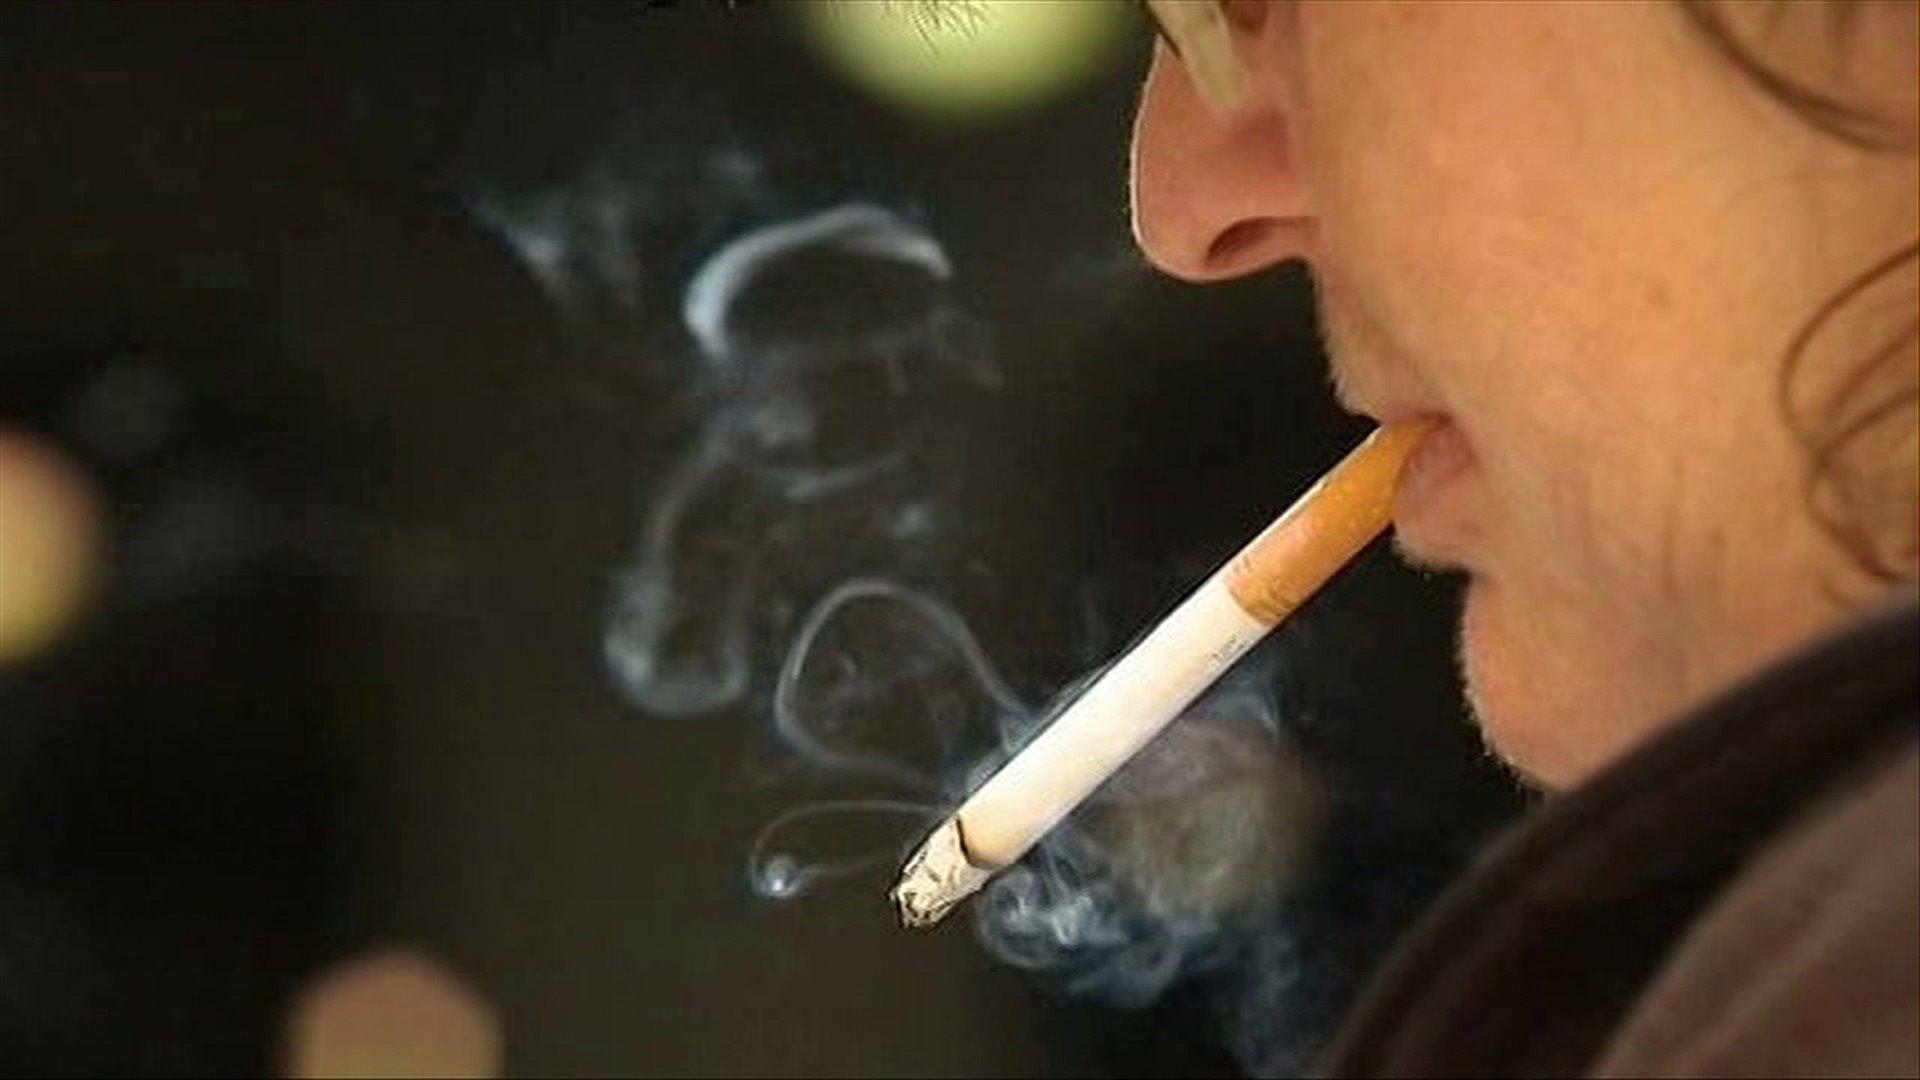 smokingsmokersmoke